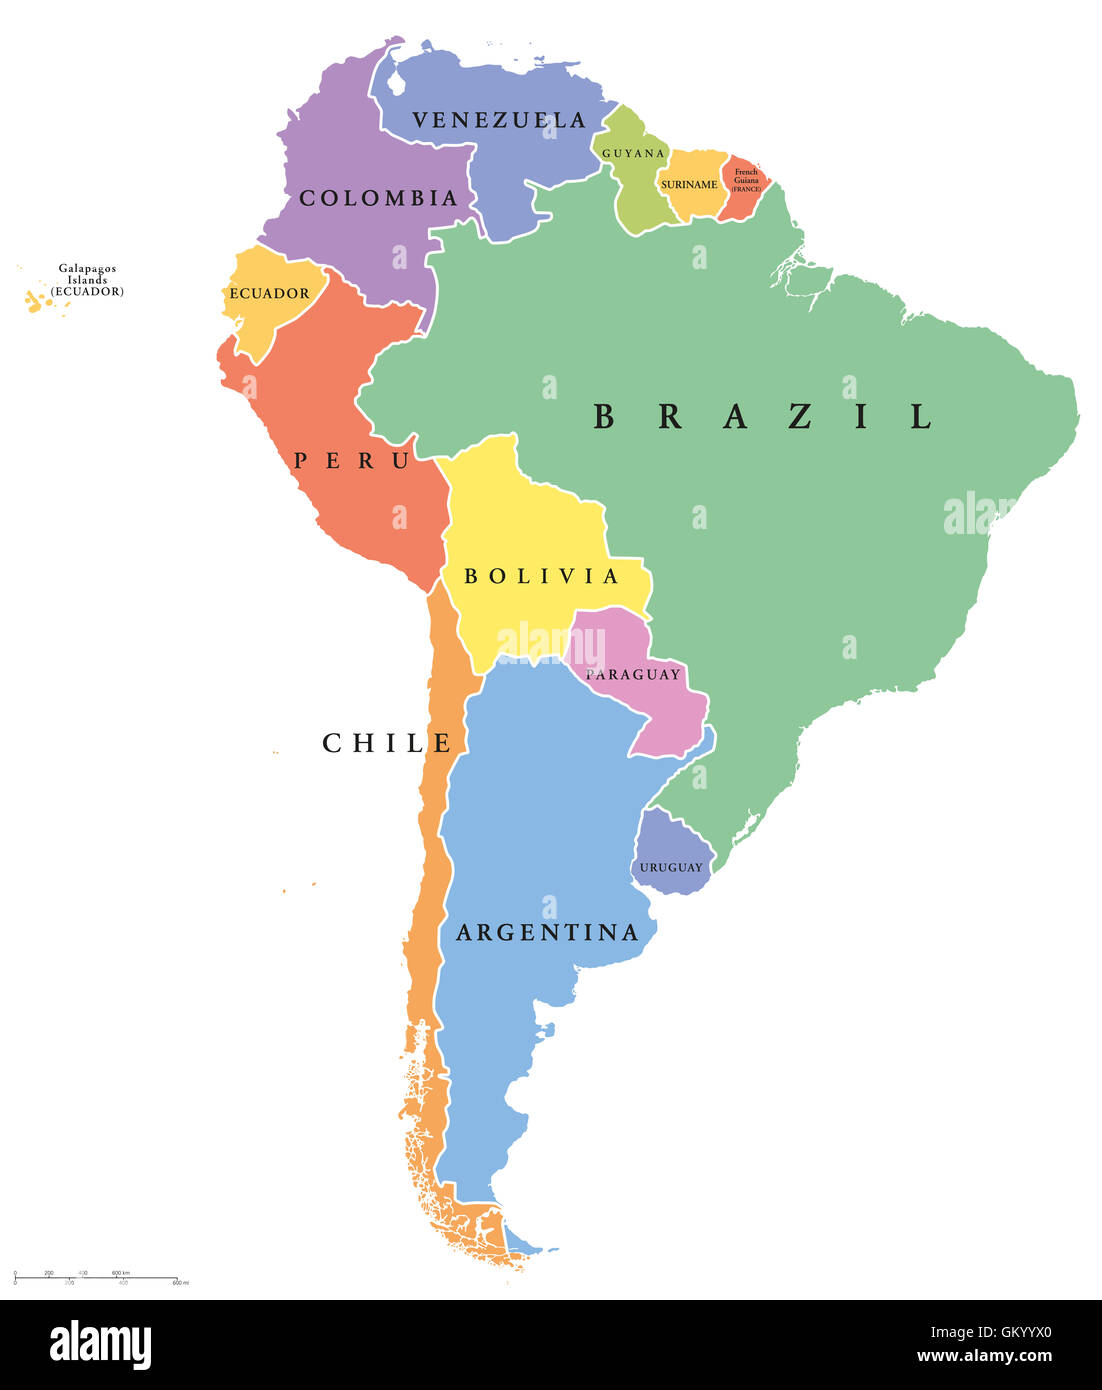 America Latina Cartina Politica.Sud America Unico Membri Mappa Politico Tutti I Paesi In Diversi